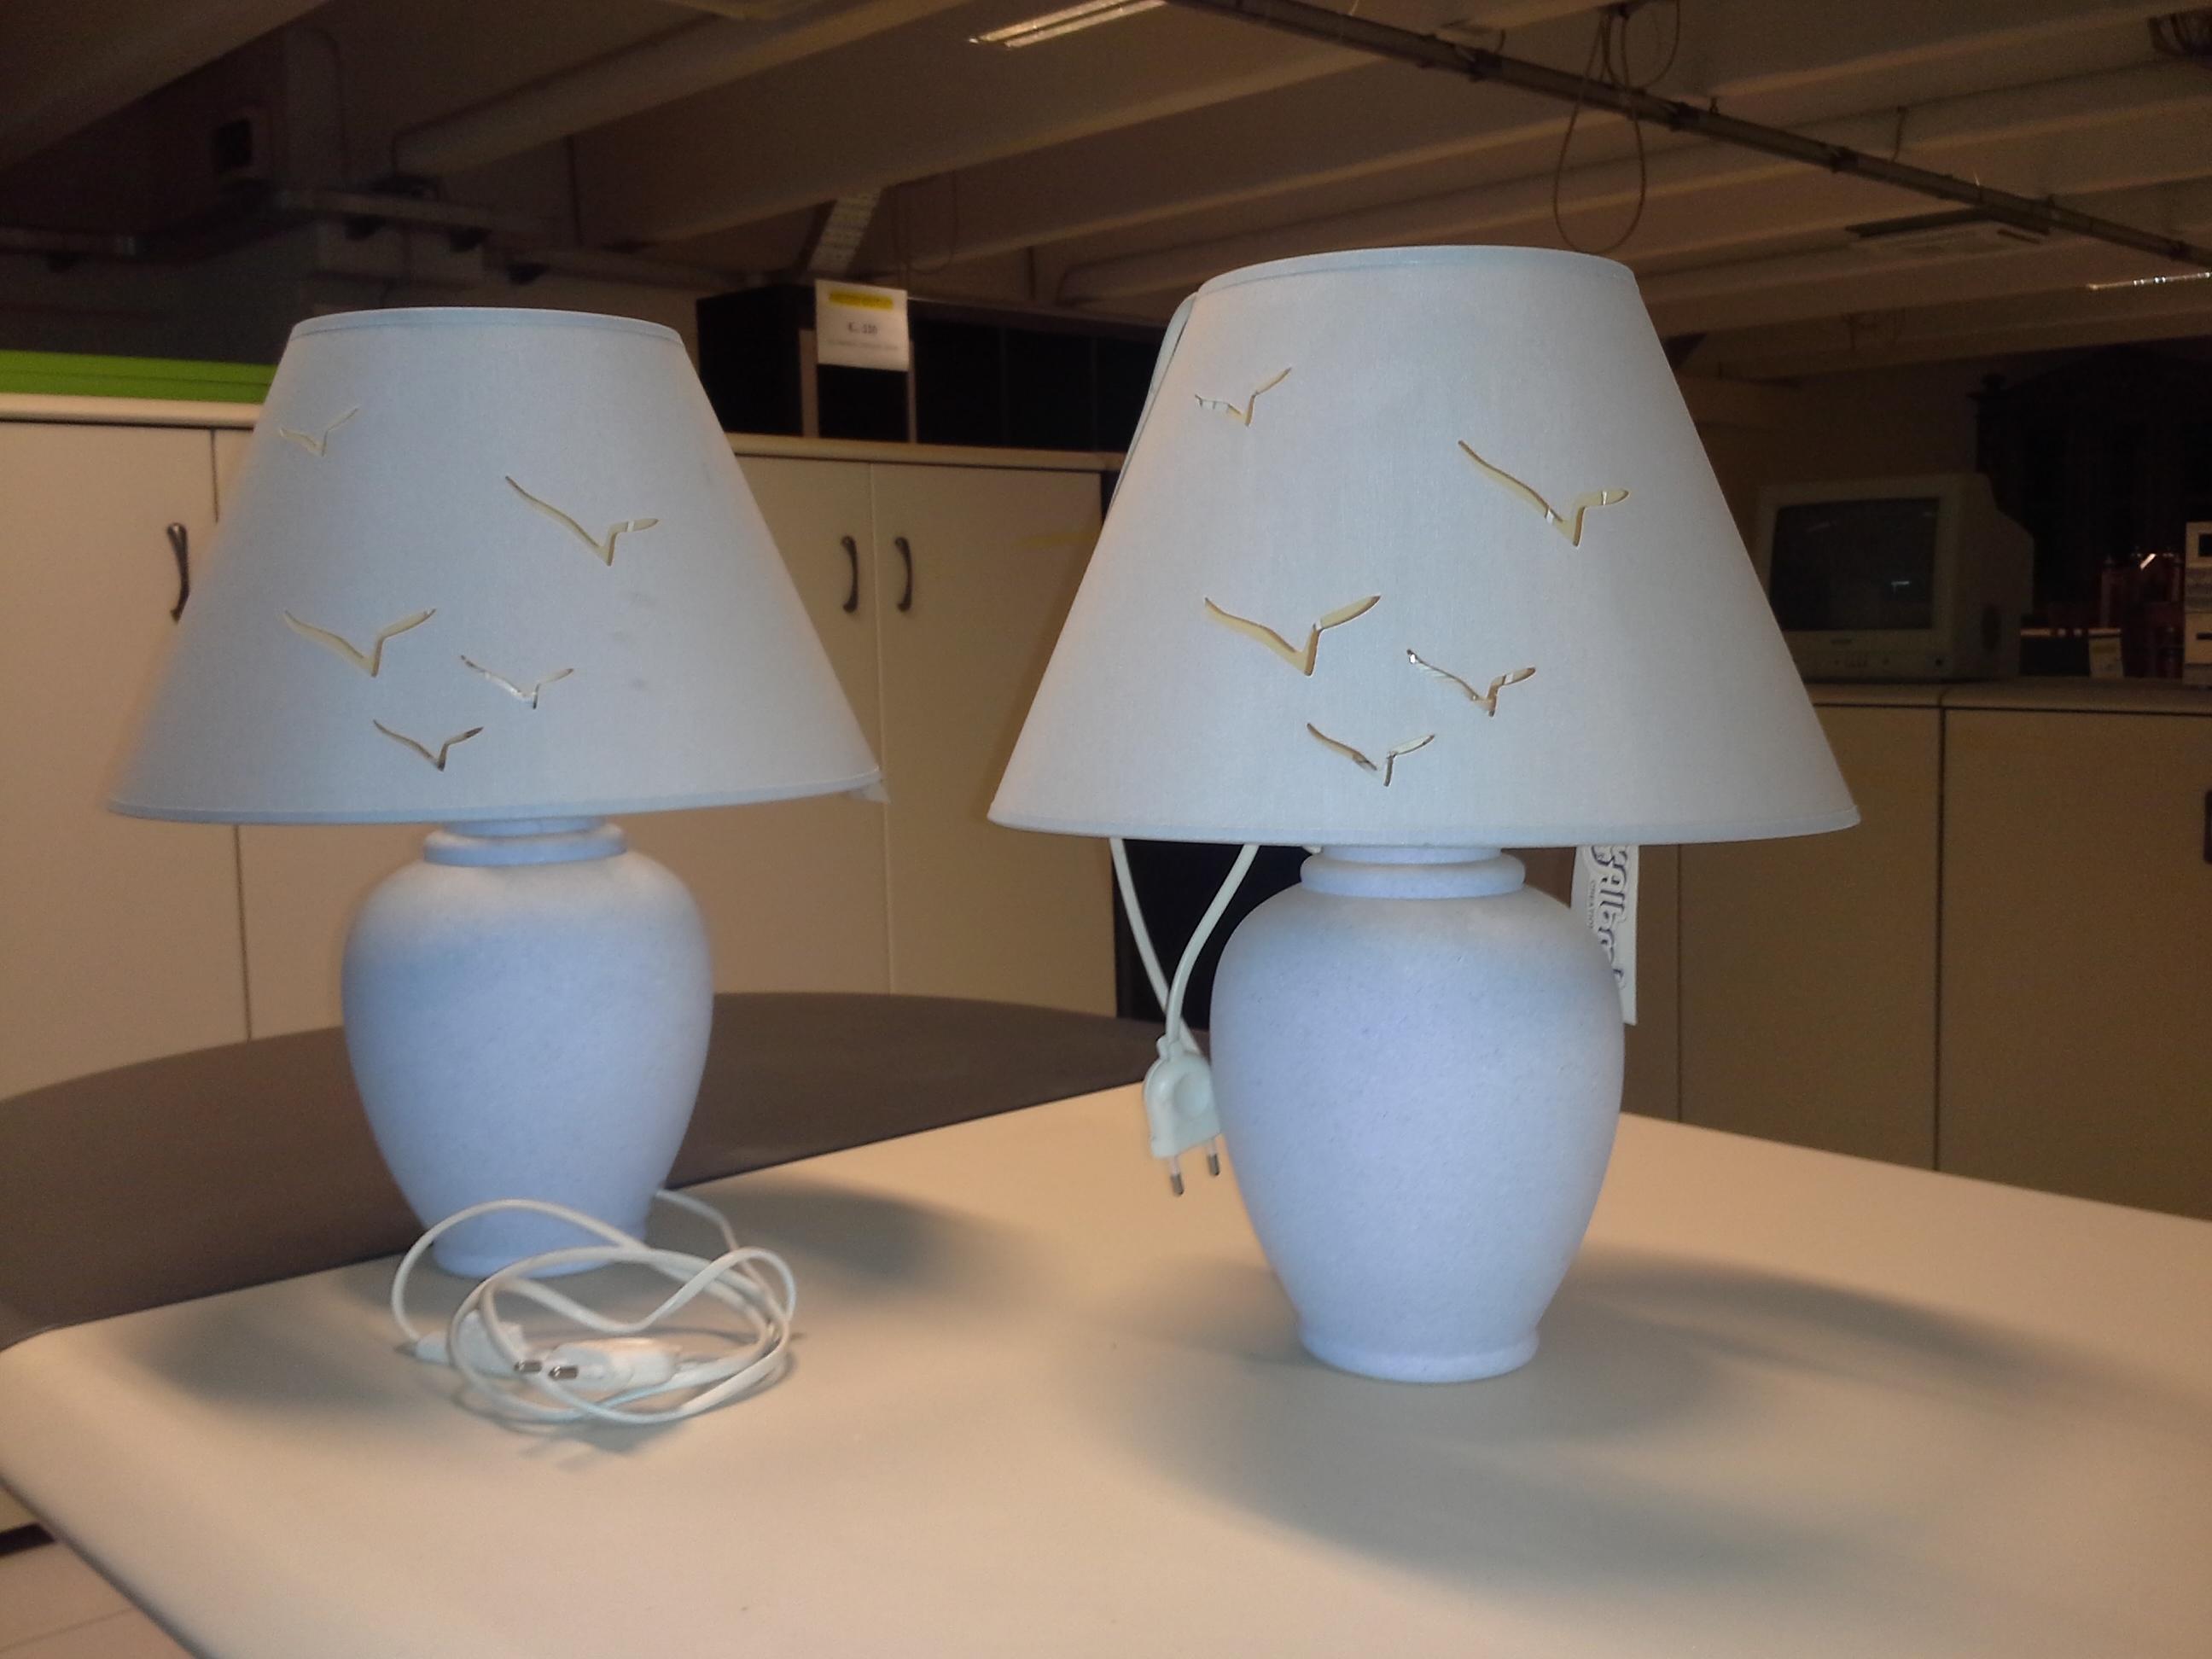 Offerta lampada da tavolo illuminazione a prezzi scontati - Lampade da tavolo prezzi ...